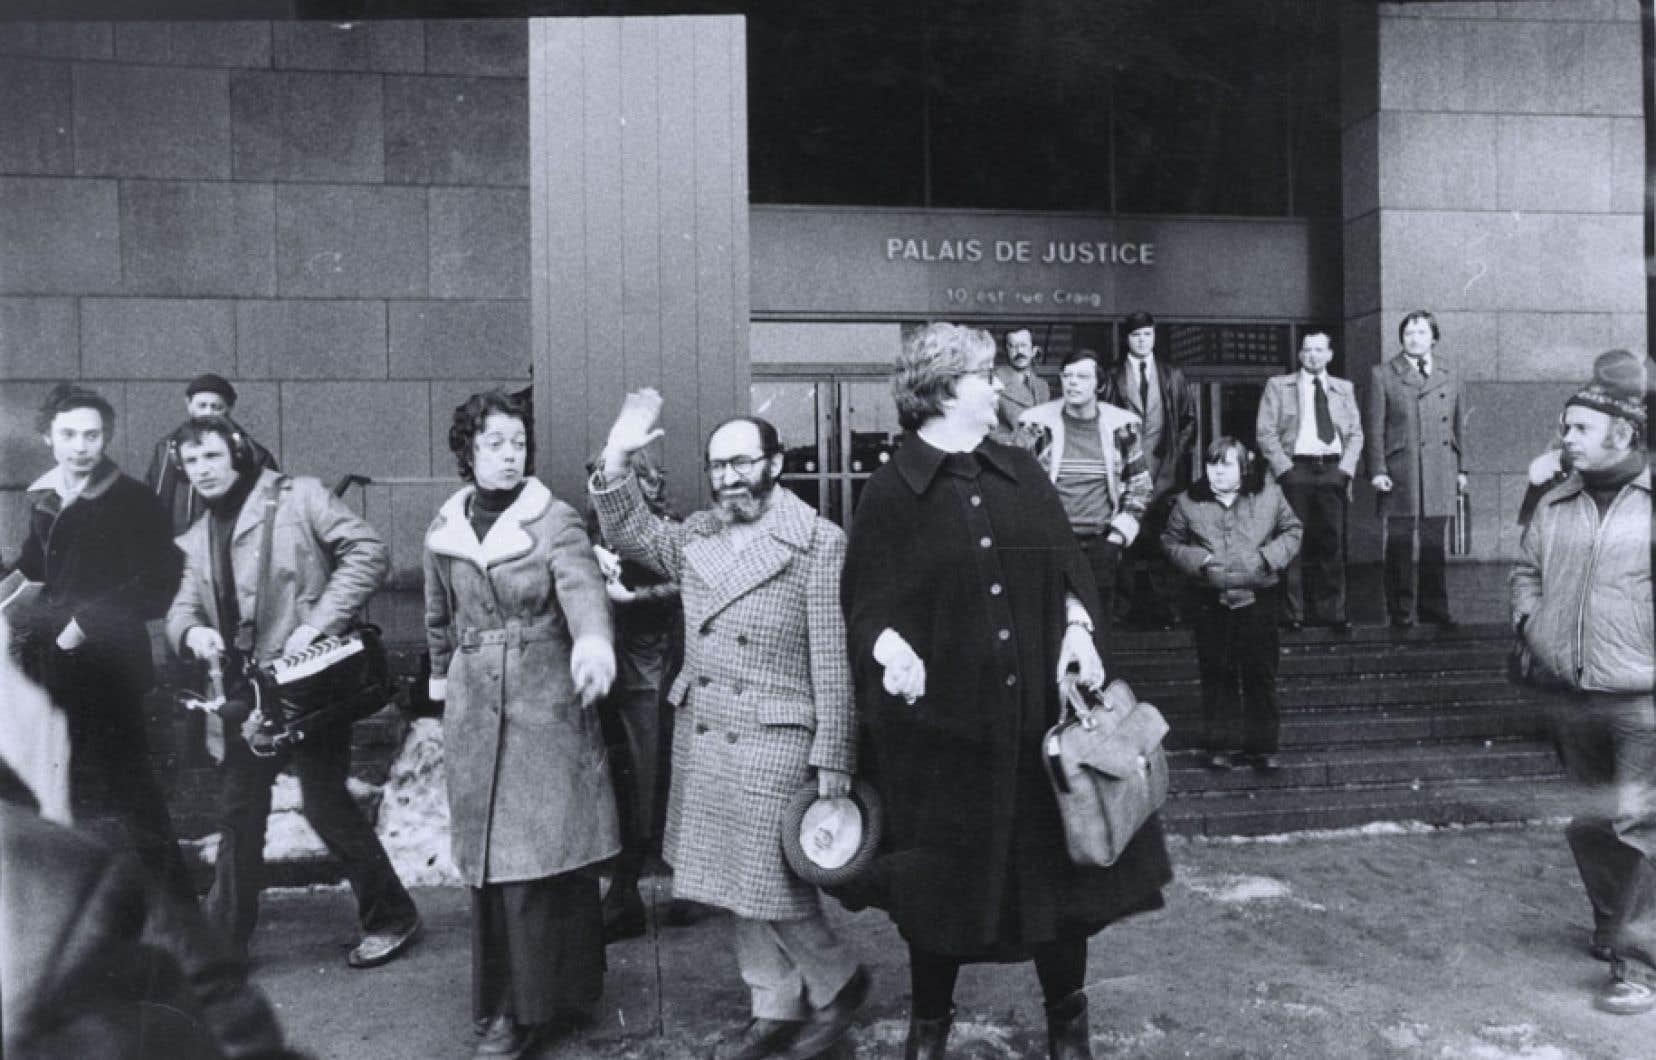 Le 20 janvier 1976, la Cour d'appel du Québec maintient l'acquittement du docteur Henry Morgentaler, qui était accusé d'avortement illégal.